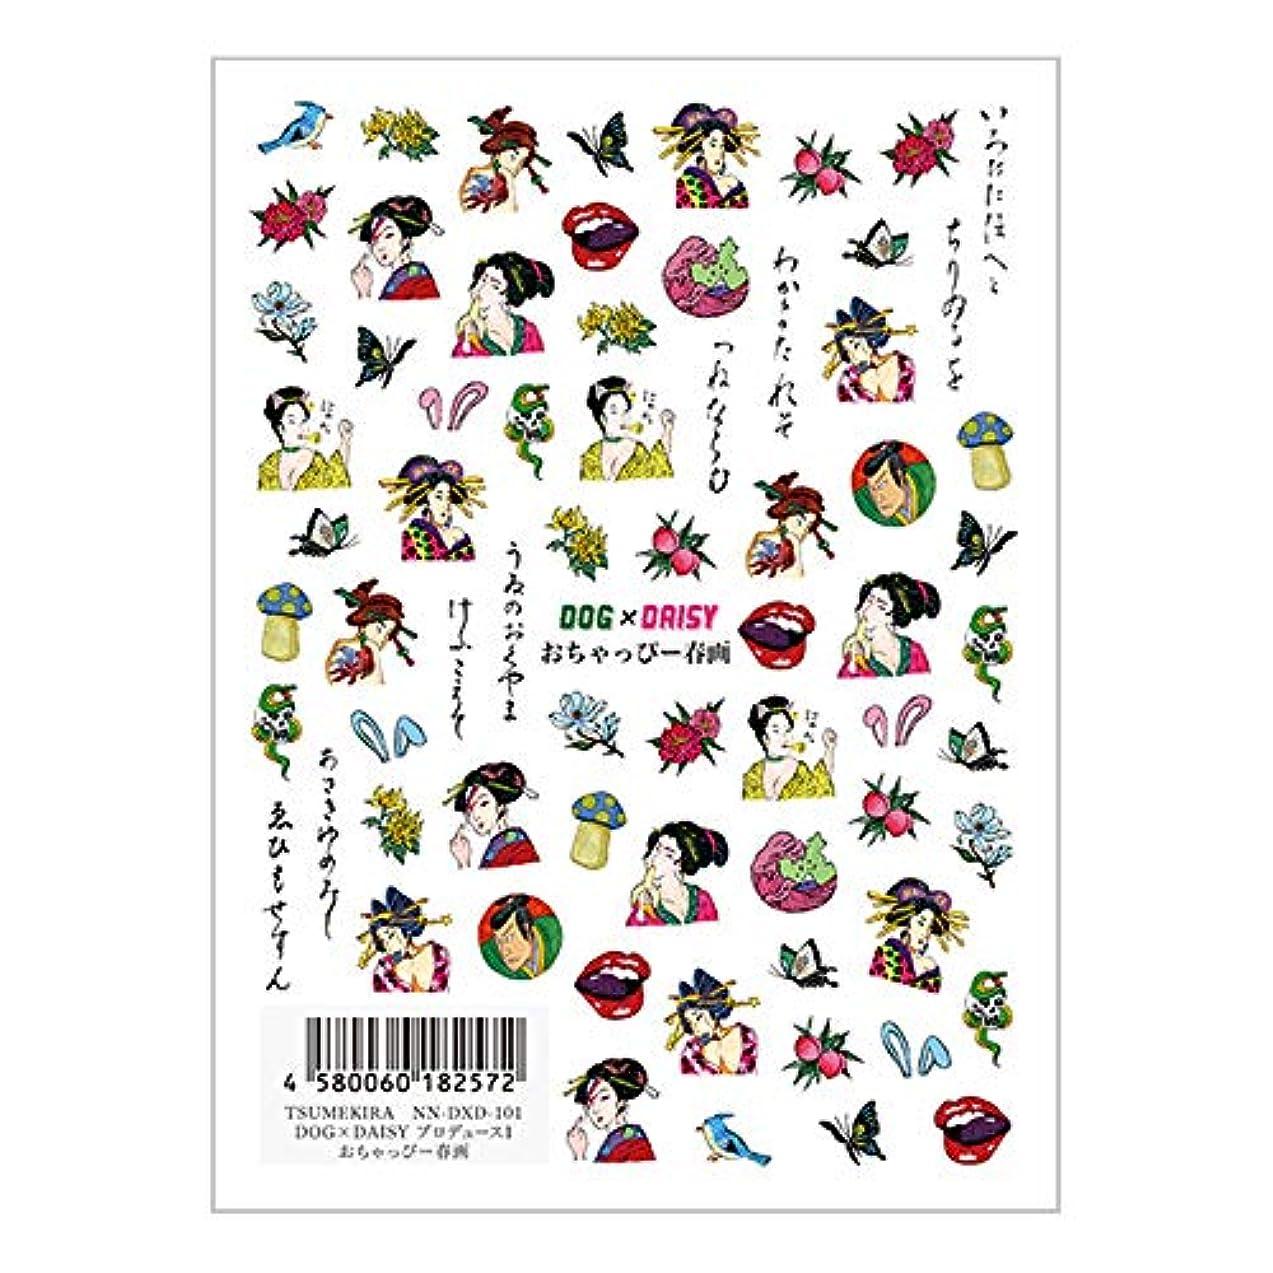 微弱ゴージャス脅威TSUMEKIRA(ツメキラ) ネイルシール DOG×DAISYプロデュース1 おちゃっぴー春画 NN-DXD-101